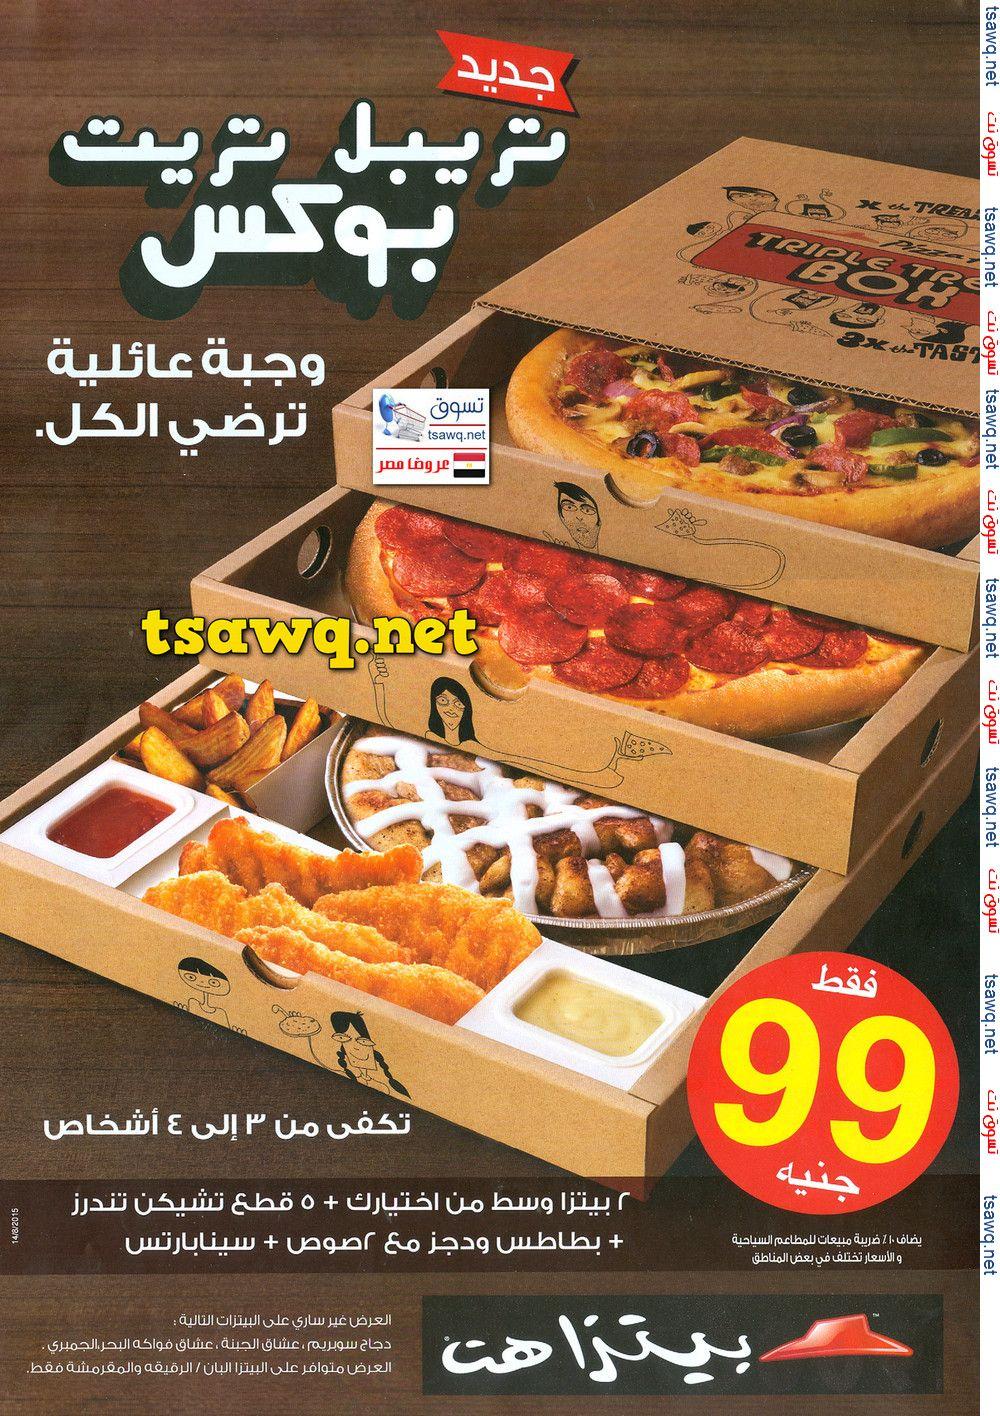 رقم بيتزا هت مصر Cooknays Com